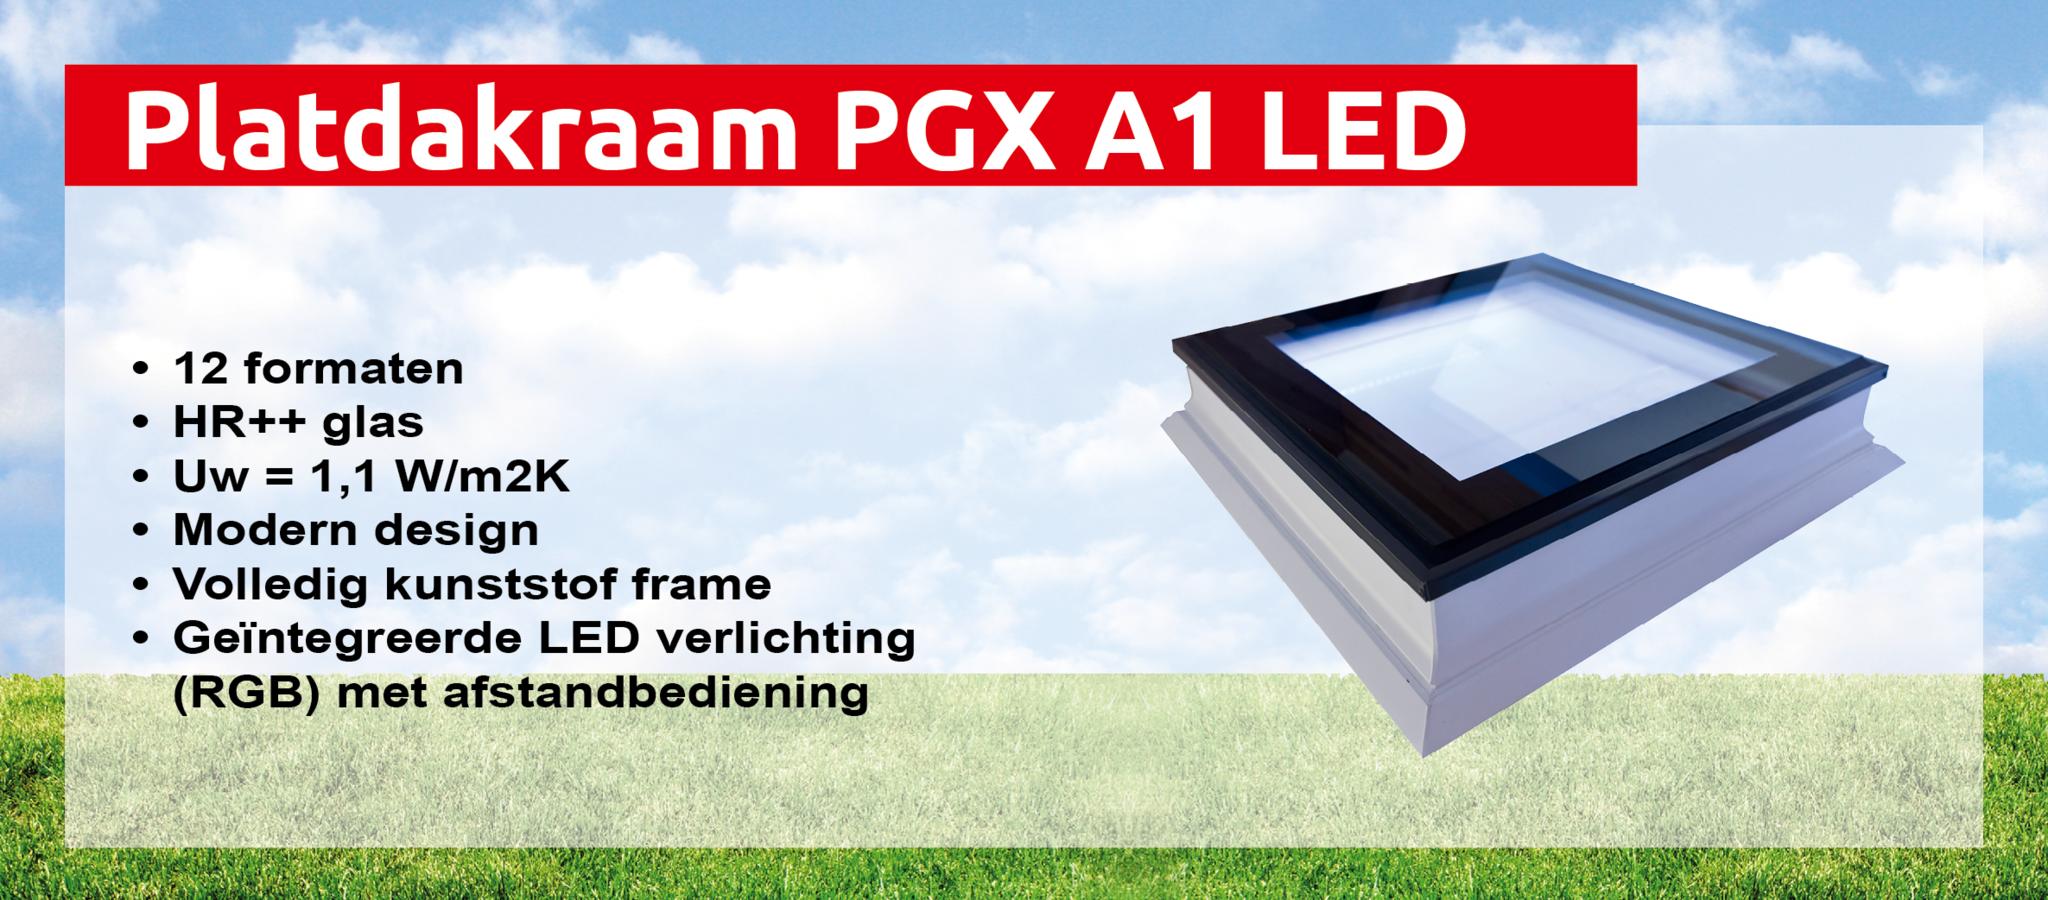 Platdakraam PGX A1 met ingebouwde RGB led verlichting - Intura ...